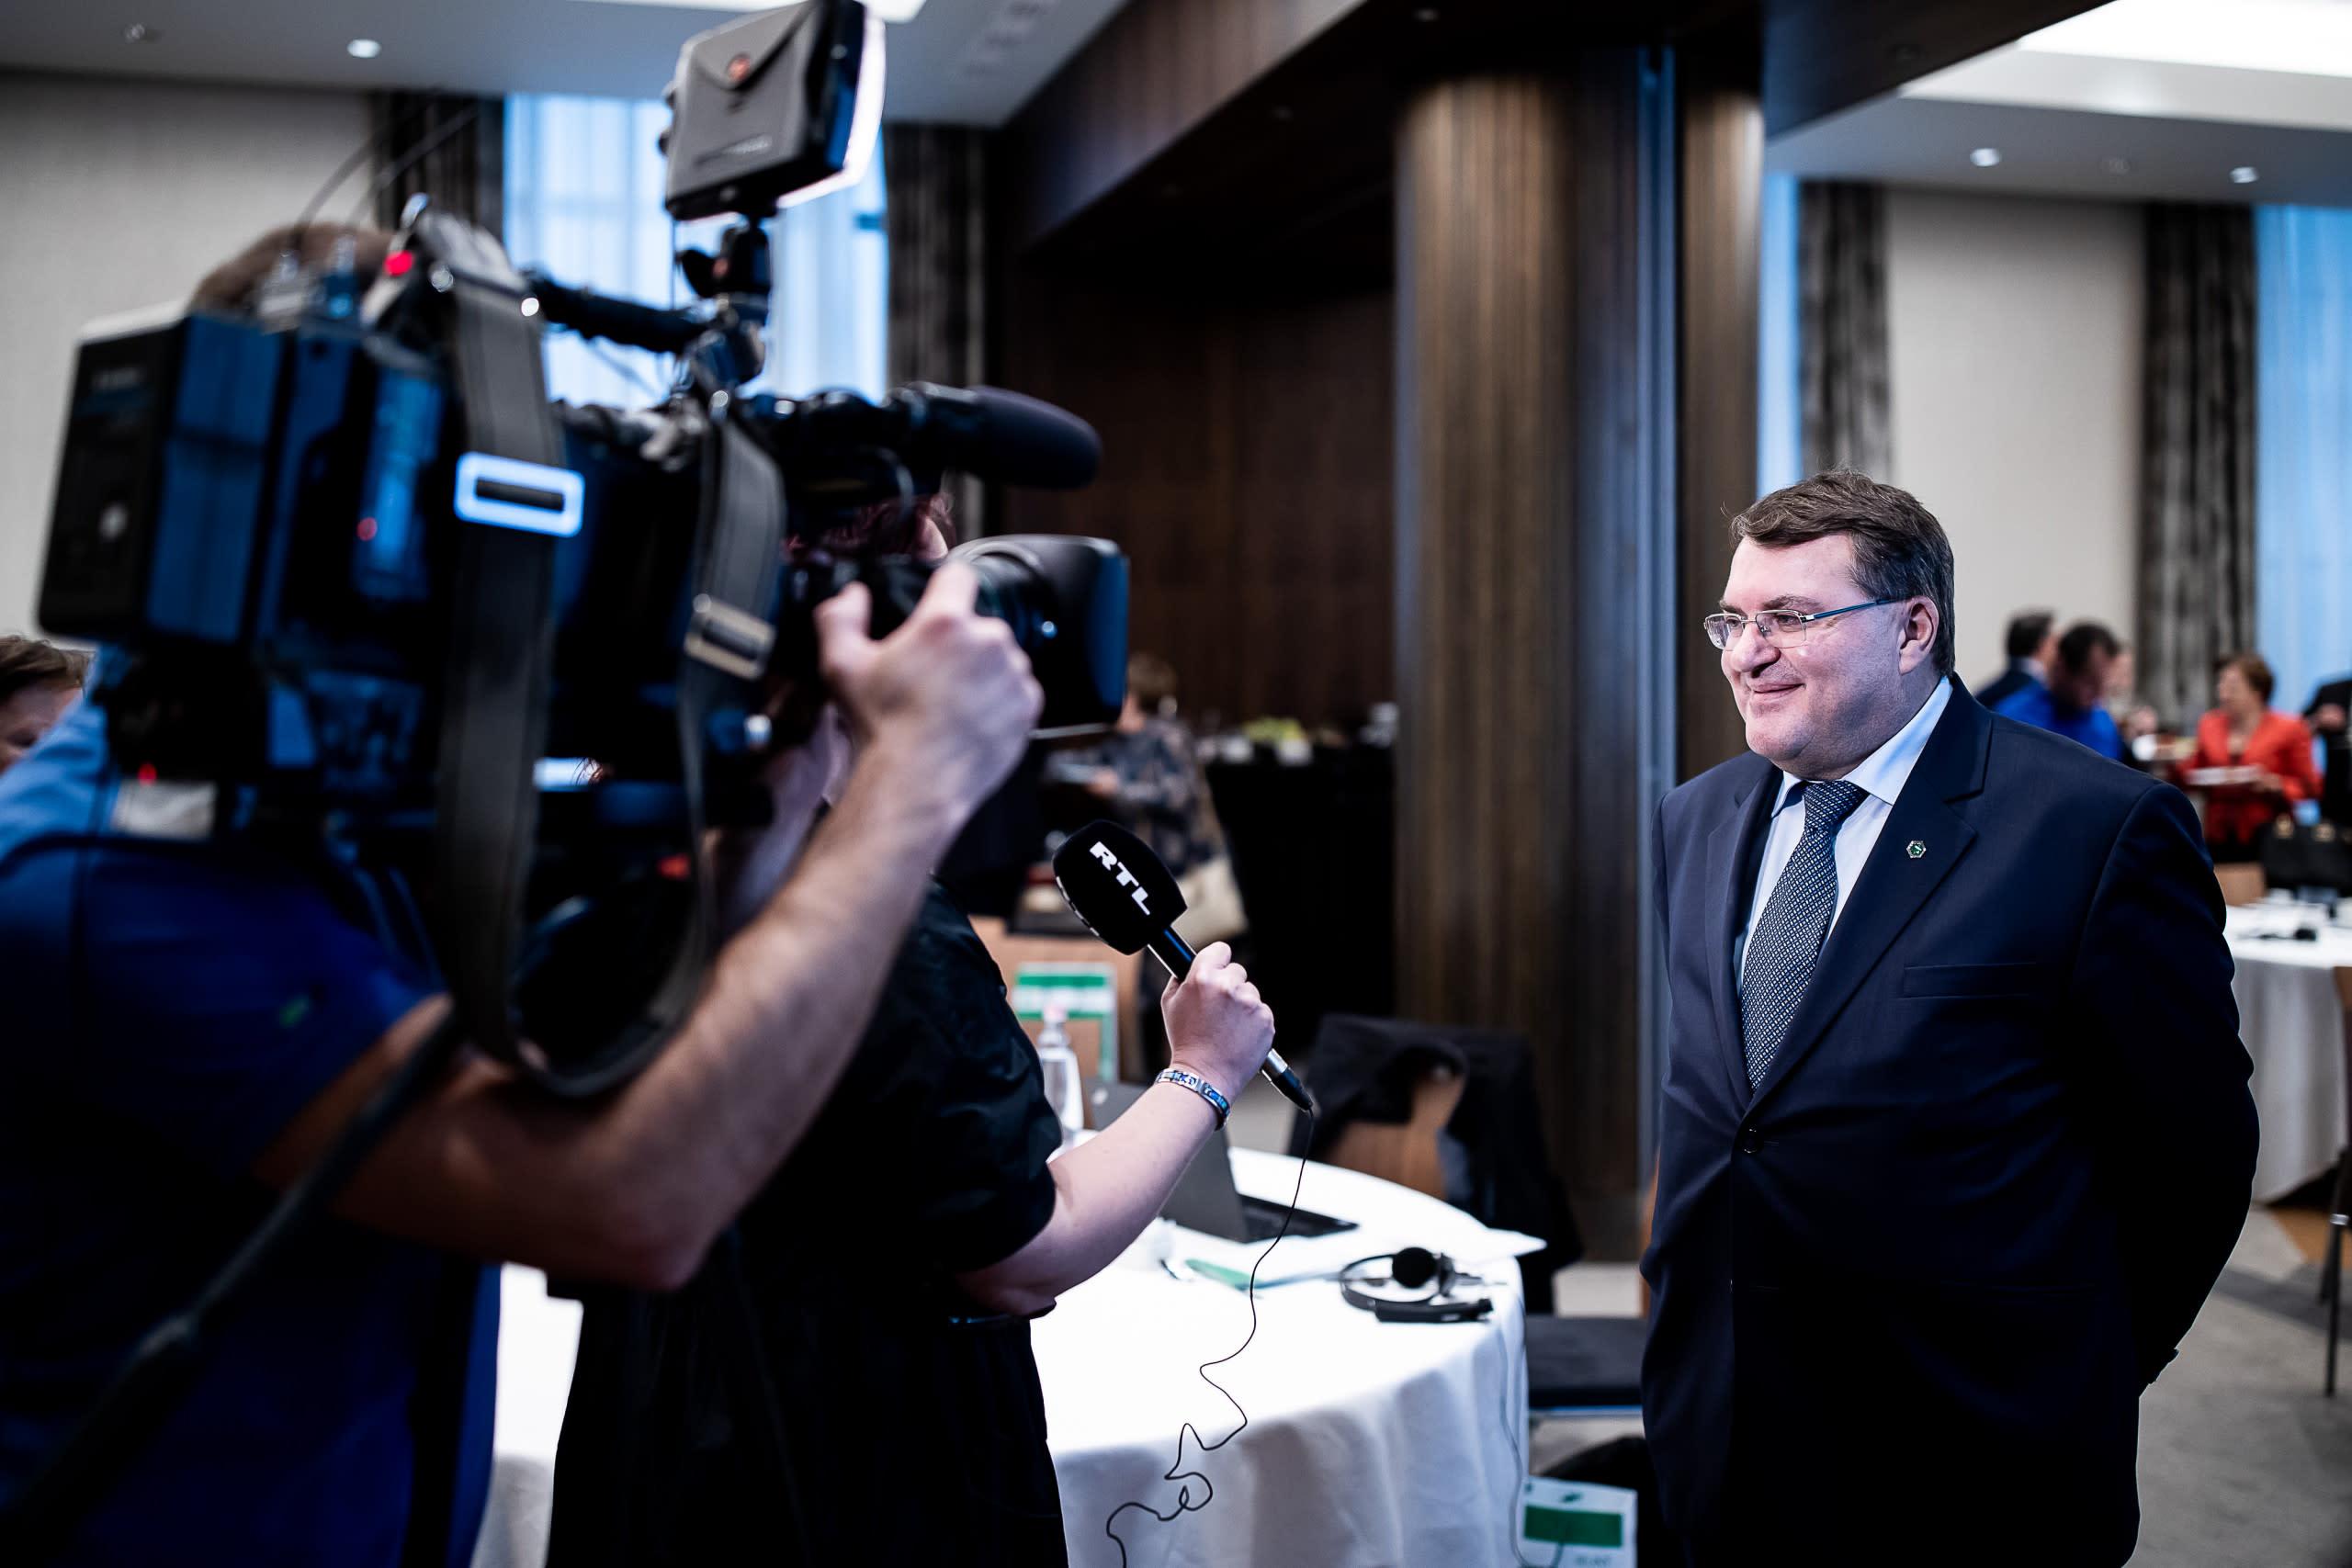 Интервью Заместителя Председателя Правления МИБ Имре Ласлоцки престижному деловому изданию HVG.HU